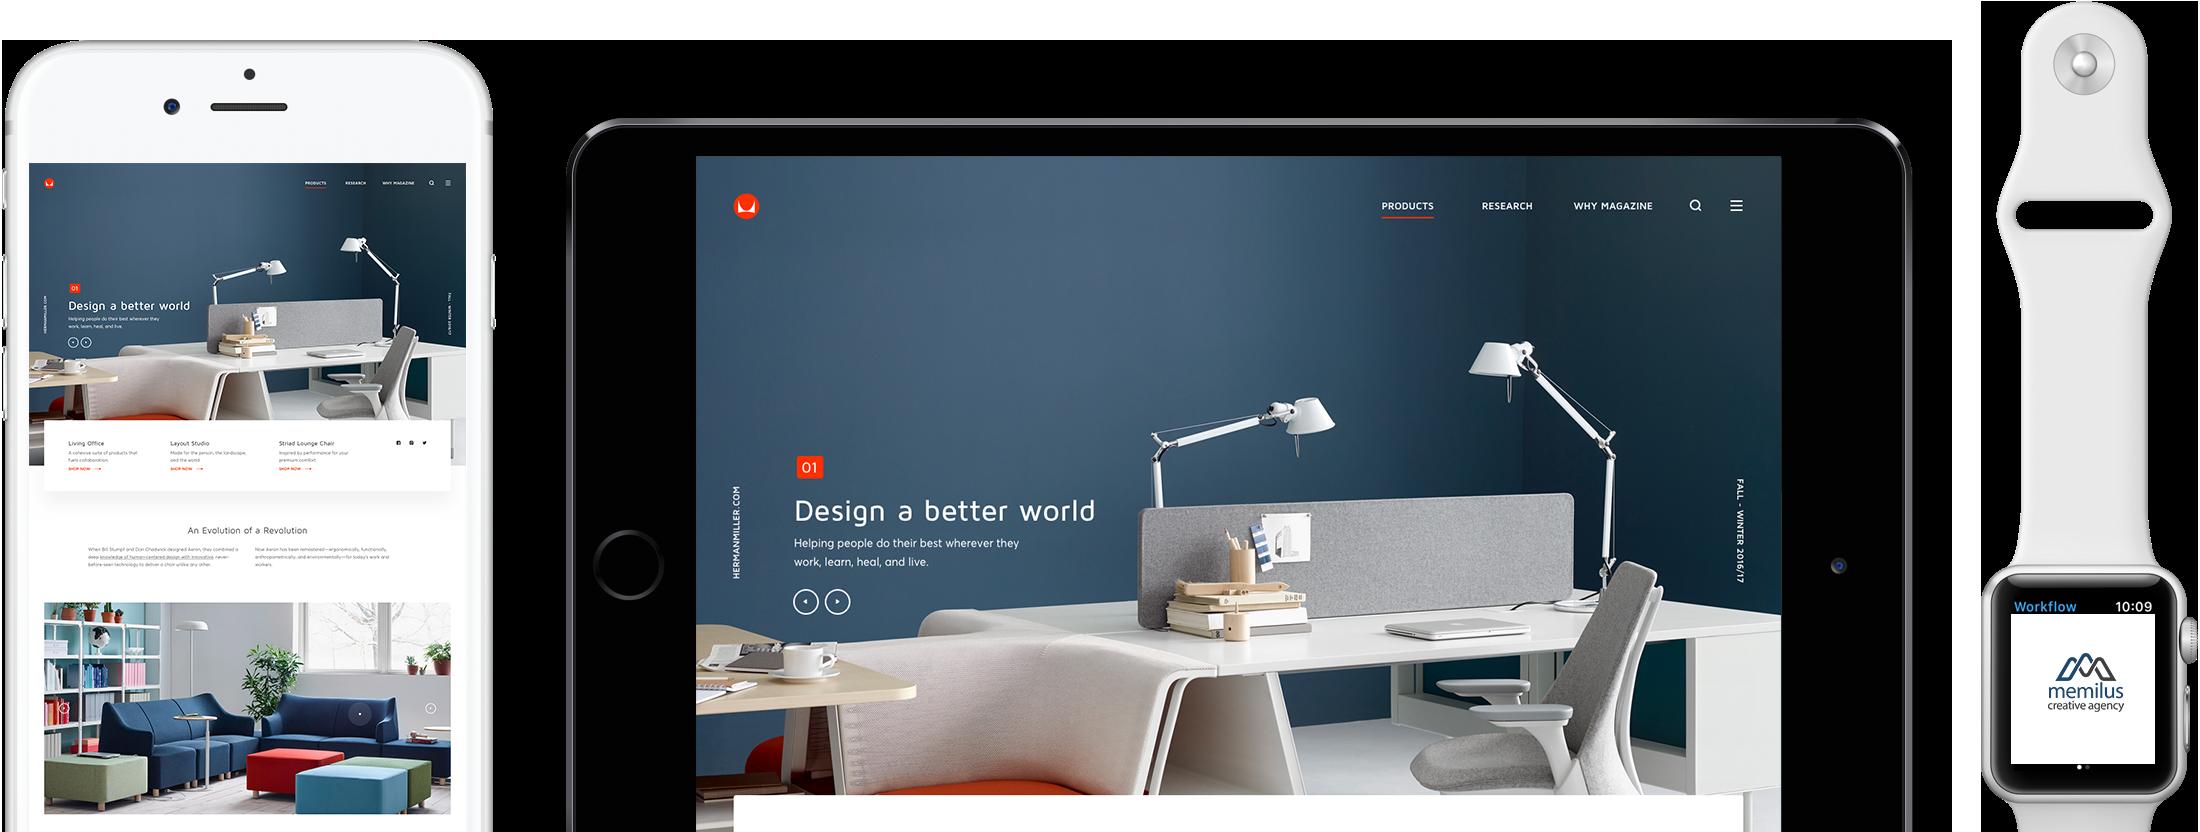 5 bước đơn giản giúp doanh nghiệp xây dựng hình ảnh thương hiệu 2